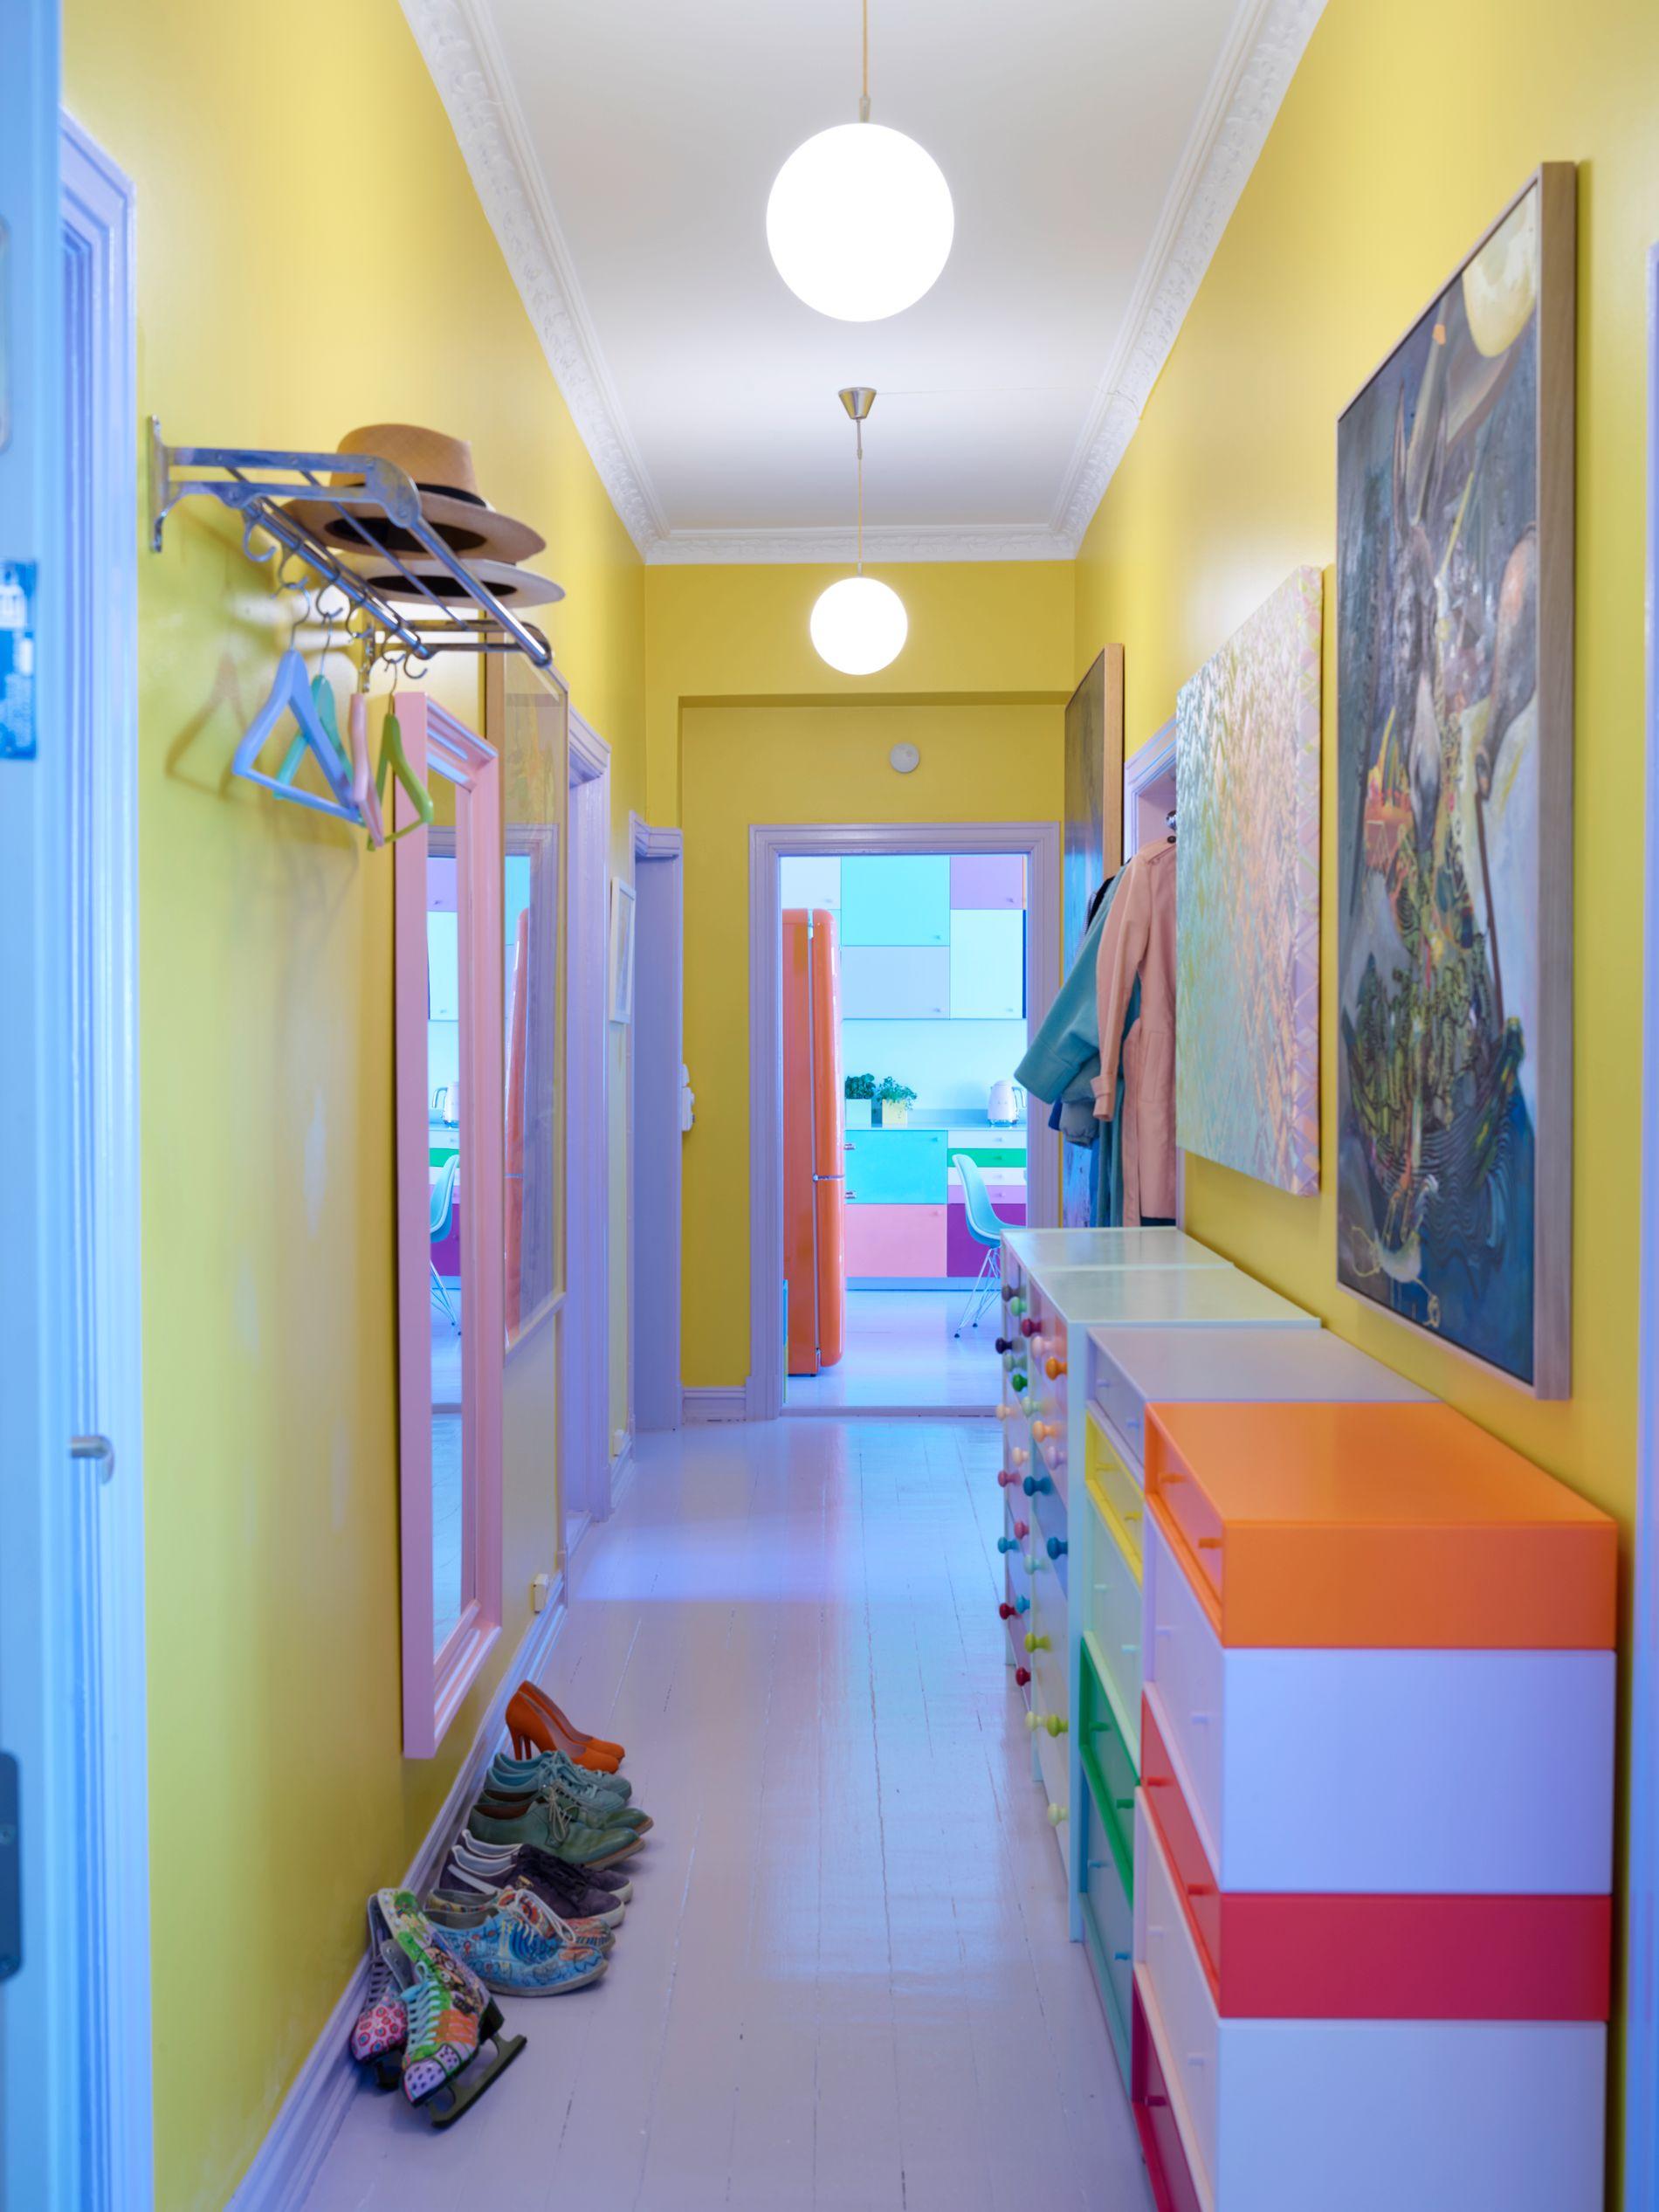 GUL GANG: Du kan ikke unngå å bli i godt humør når du åpner døren og møtes av denne lysende gule gangen. Ulike kommoder med mangefargede skuffer og et stort rosa speil gjør inntrykket komplett.